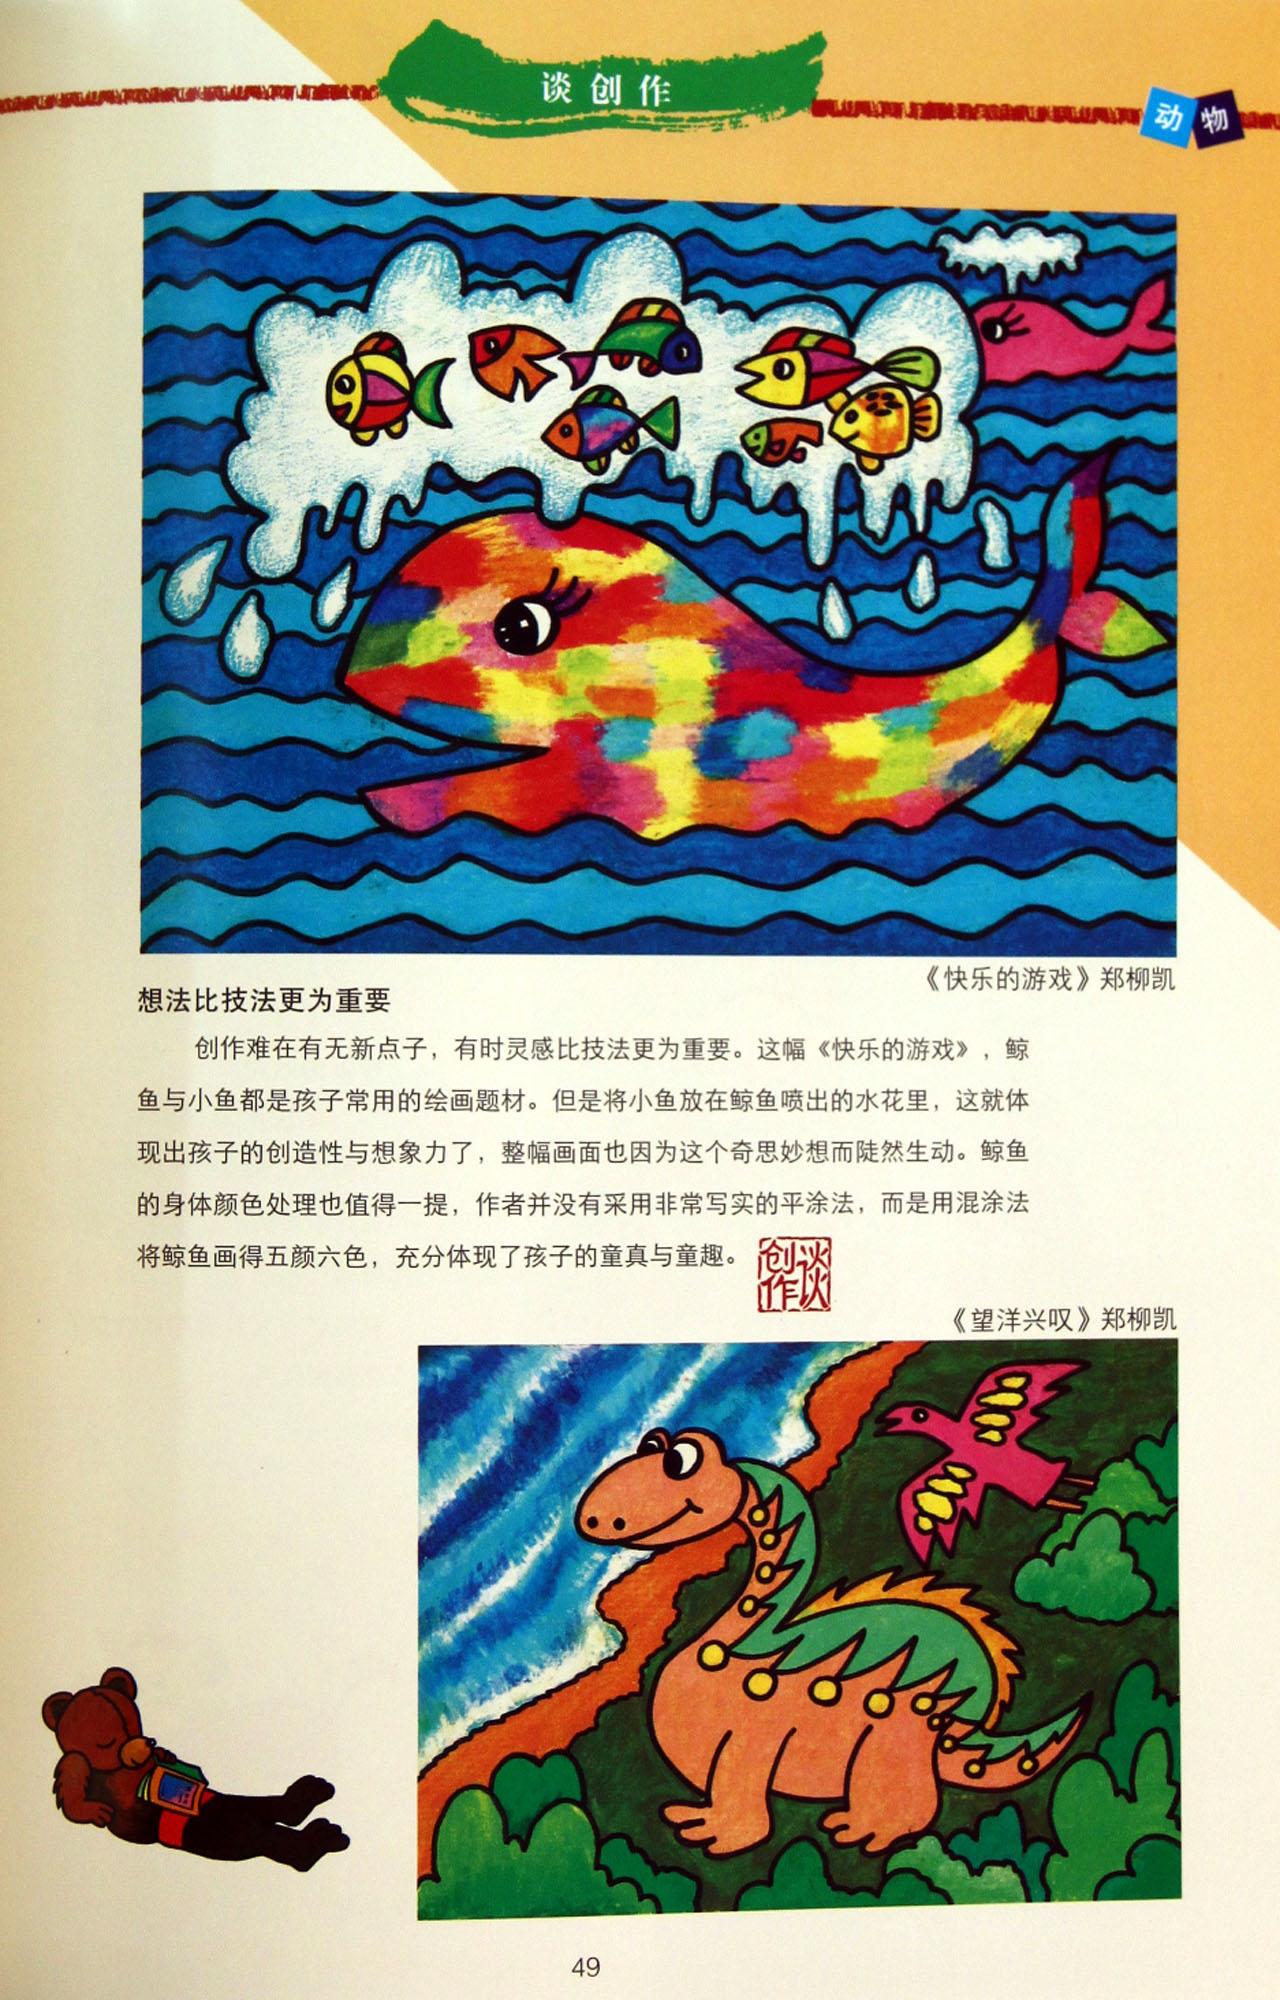 其他辅助工具 儿童画的基本步骤   水彩画的基本步骤   油画棒画的